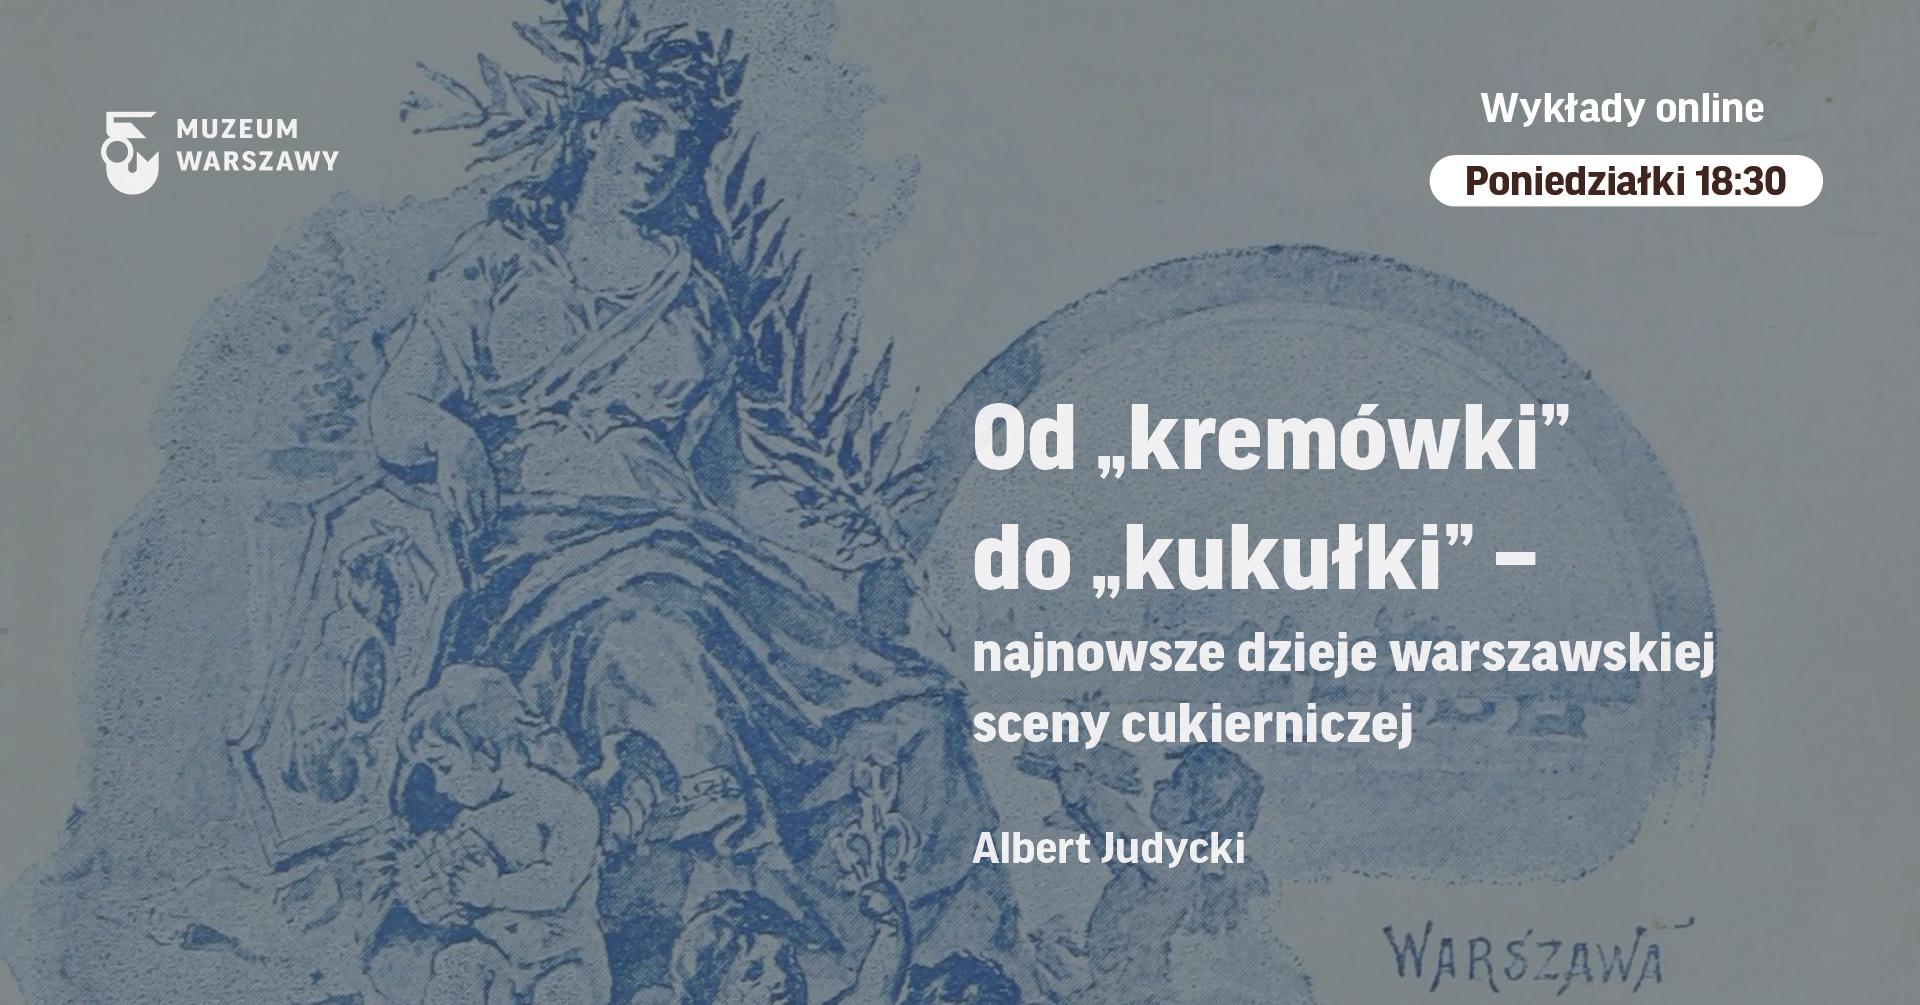 grafika z tytułem wykładu od kremówki do kokułku najnowsze dzieje warszawskiej sceny cukierniczej